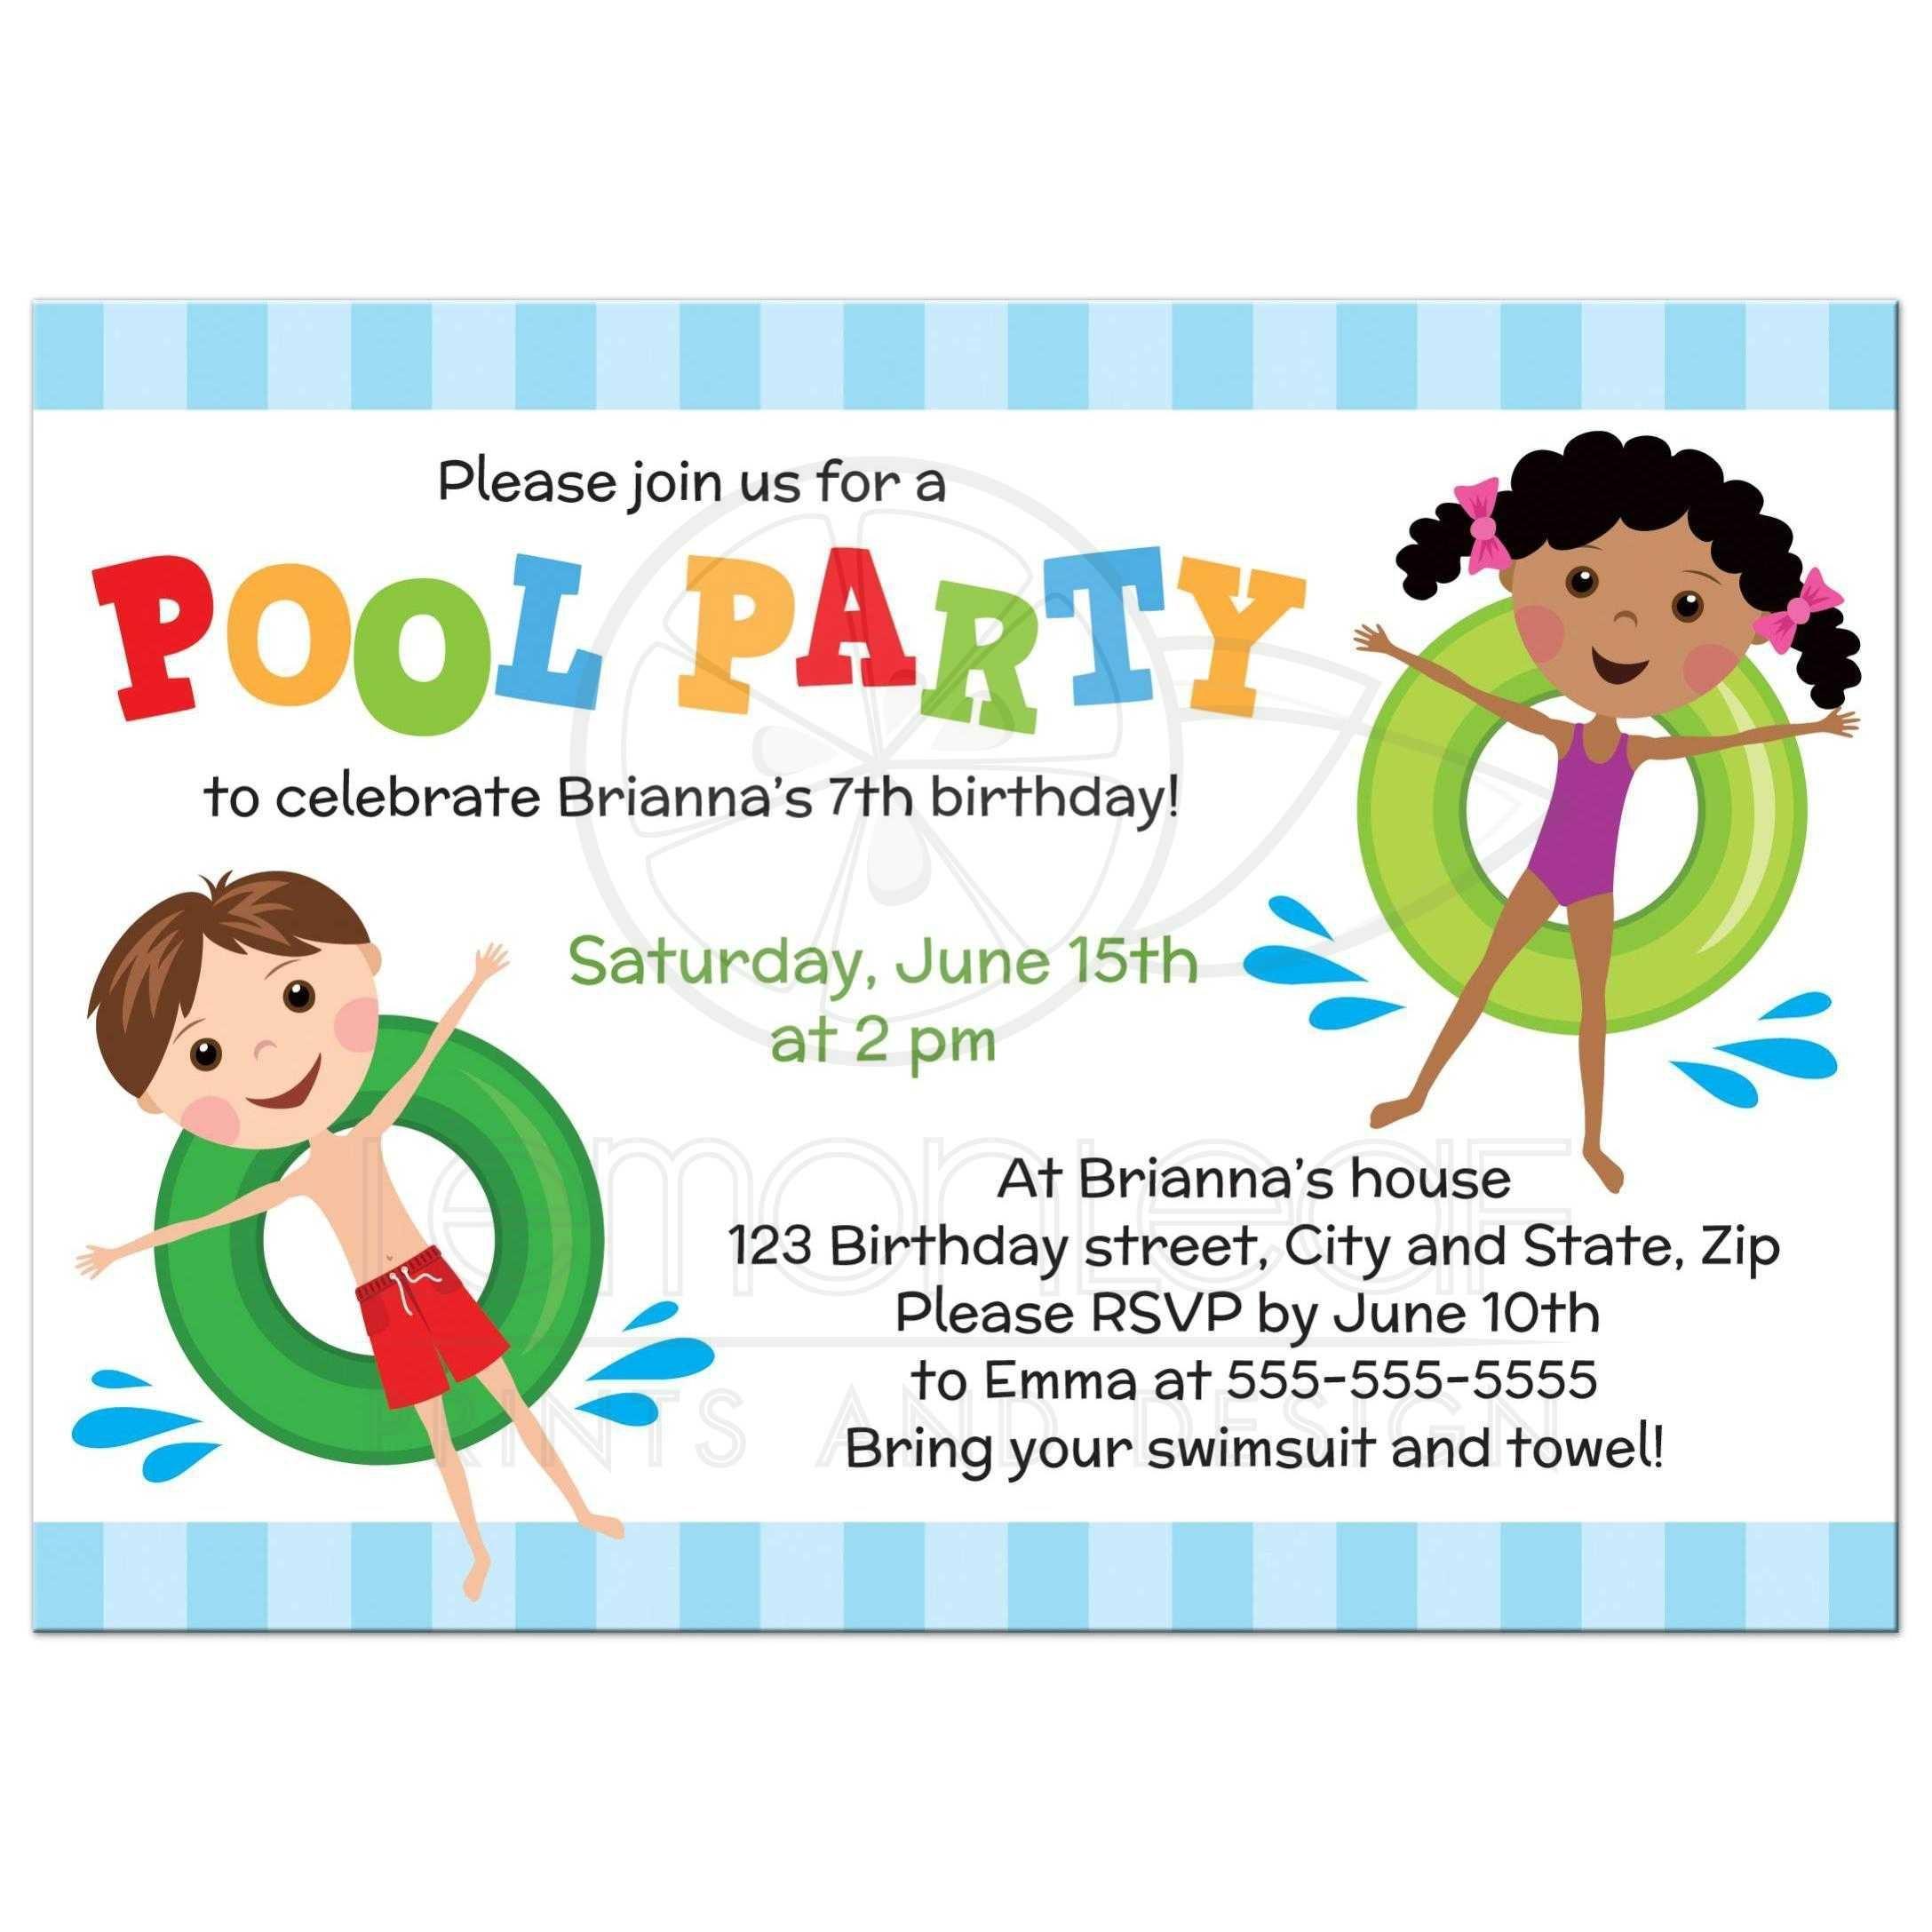 Einladung Poolparty Kostenlos Ausdrucken Einladung Poolparty Kinde Einladungskarten Kindergeburtstag Einladung Kindergeburtstag Einladungskarten Zum Ausdrucken